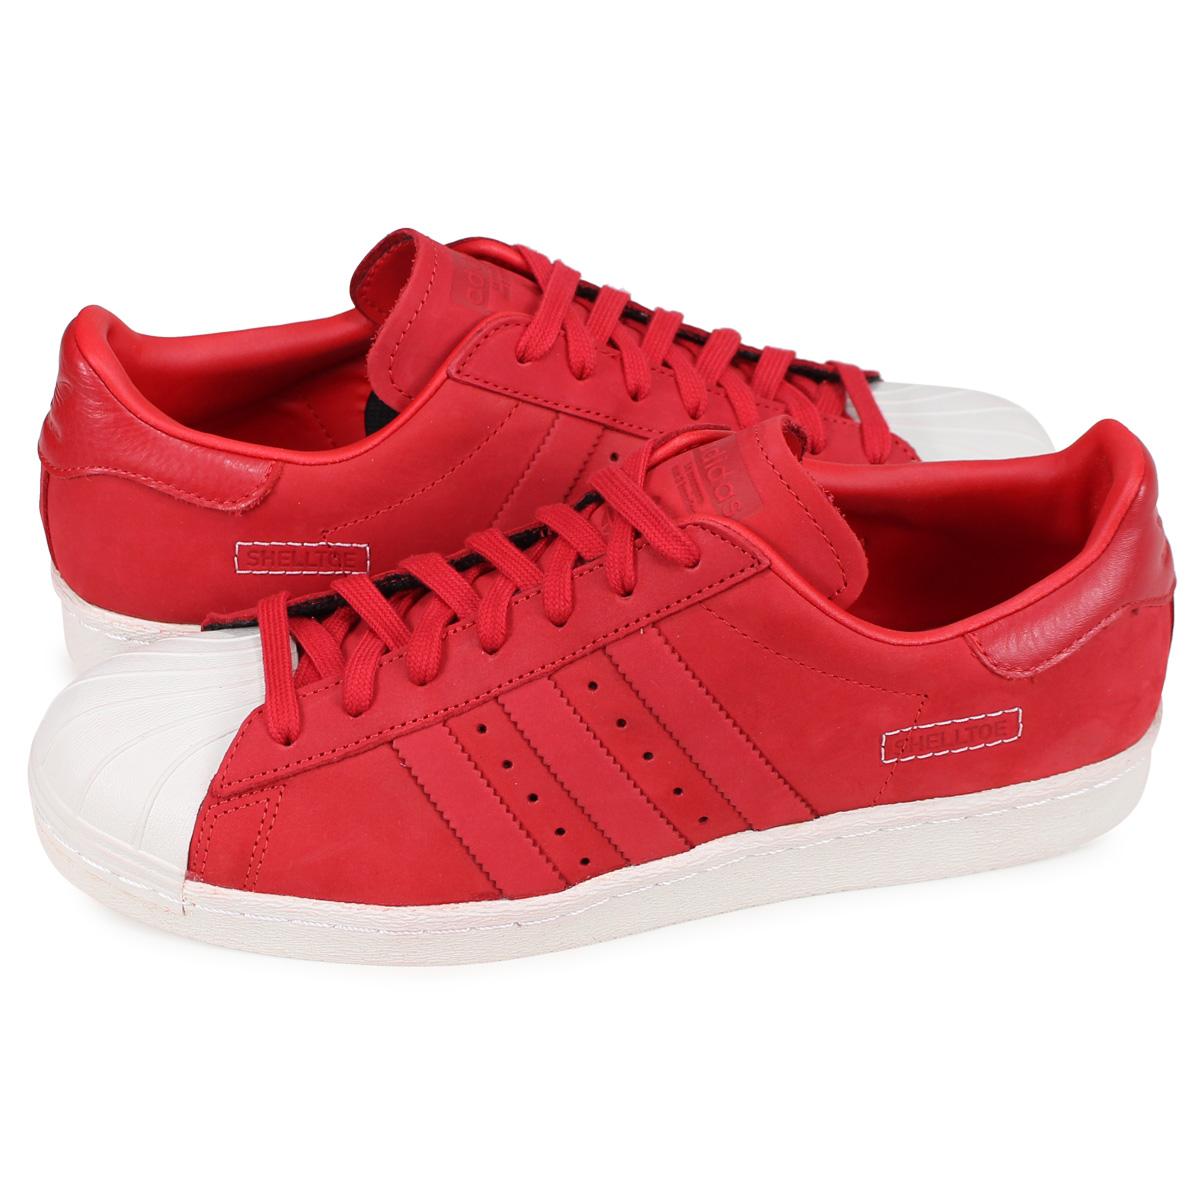 quality design fe85d ca059 adidas Originals SUPERSTAR 80s Adidas originals superstar sneakers men red  CG6263 ...